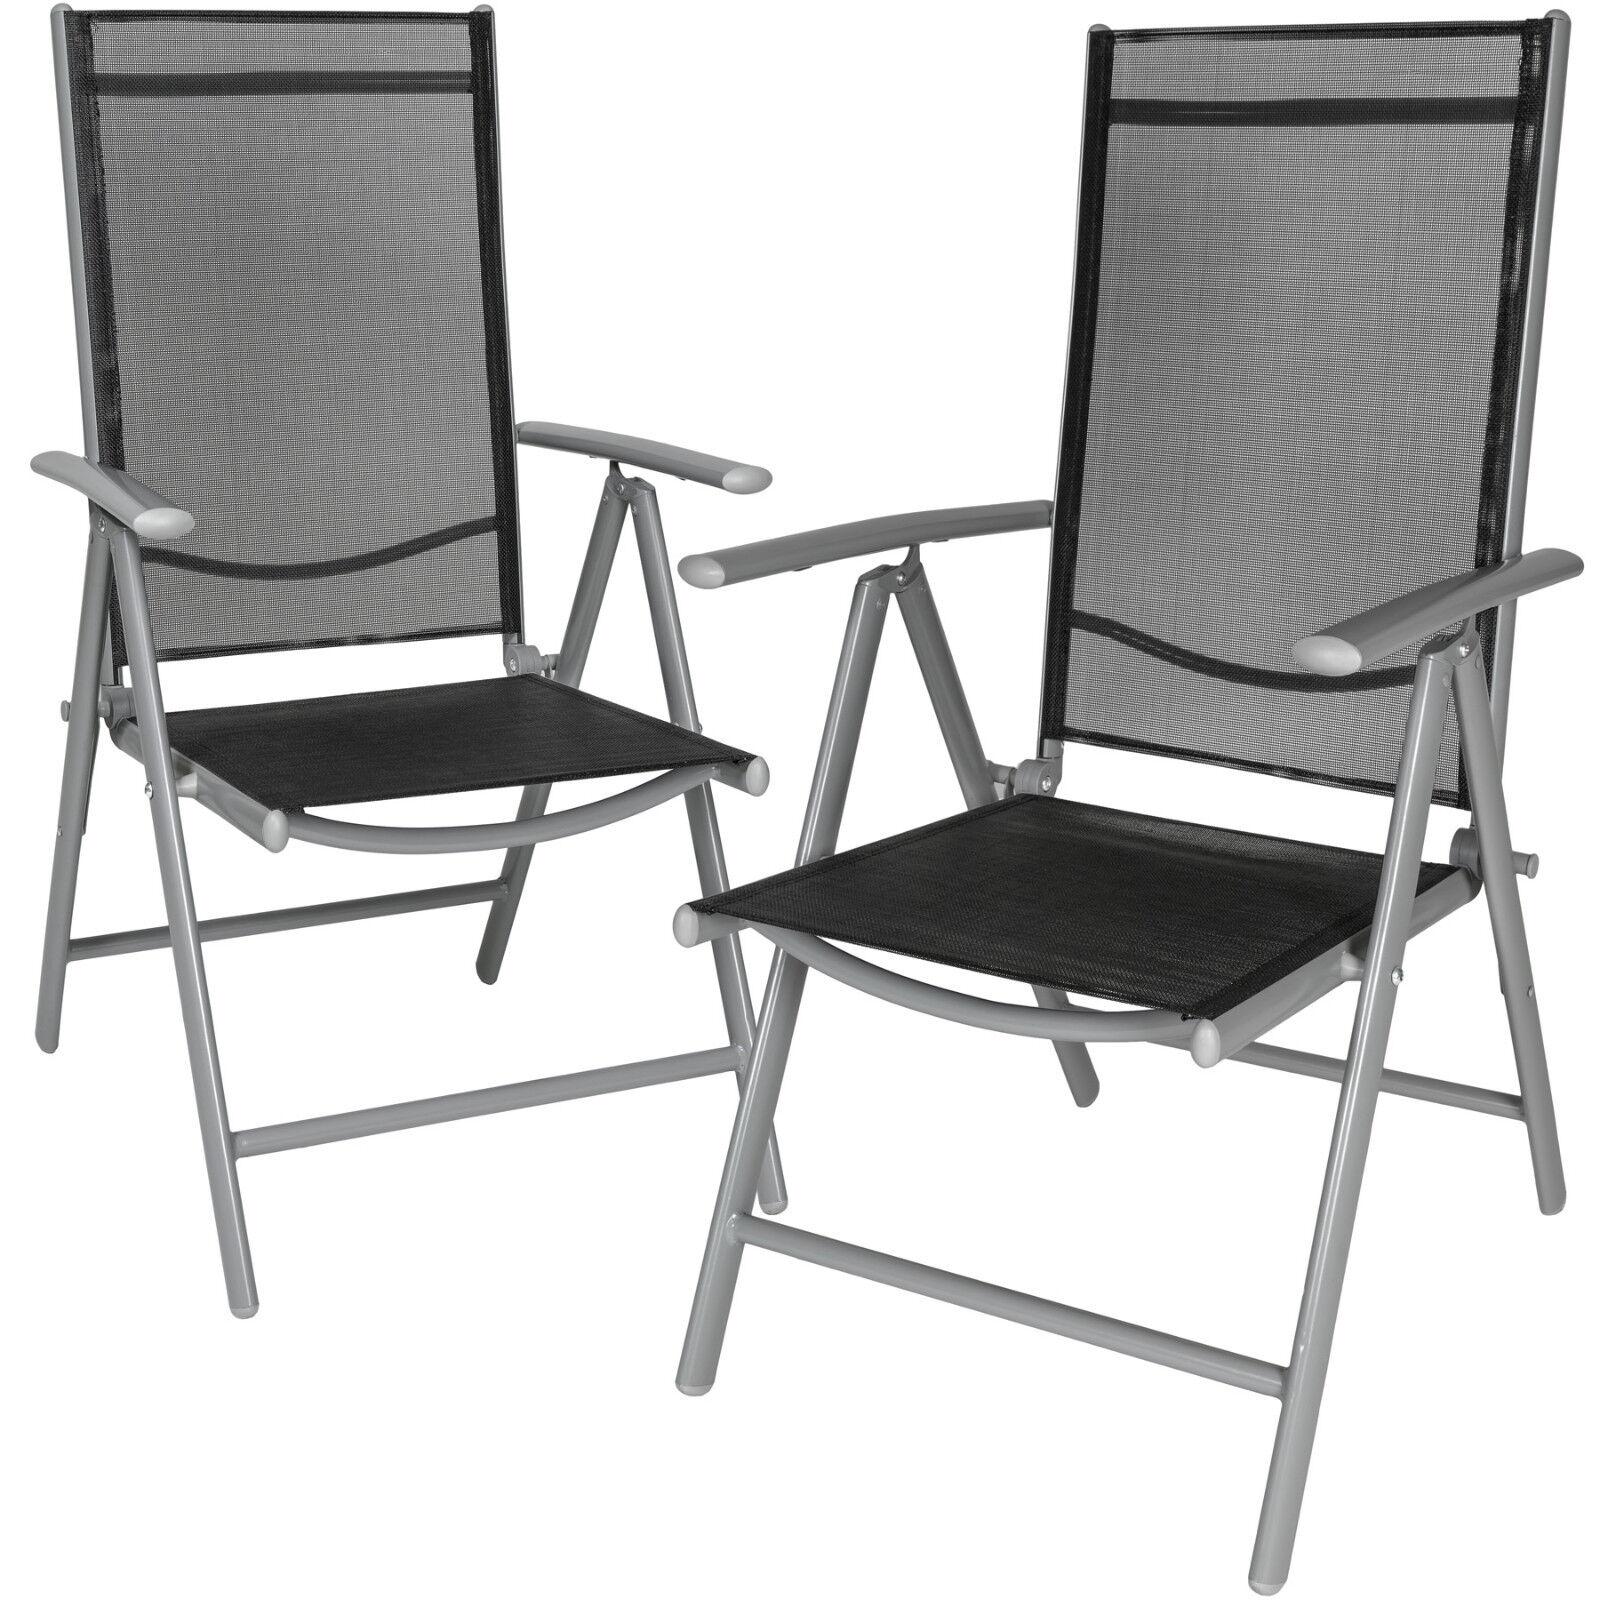 Aluminio Sillas de jardín plegable alu sillón balcón terraza